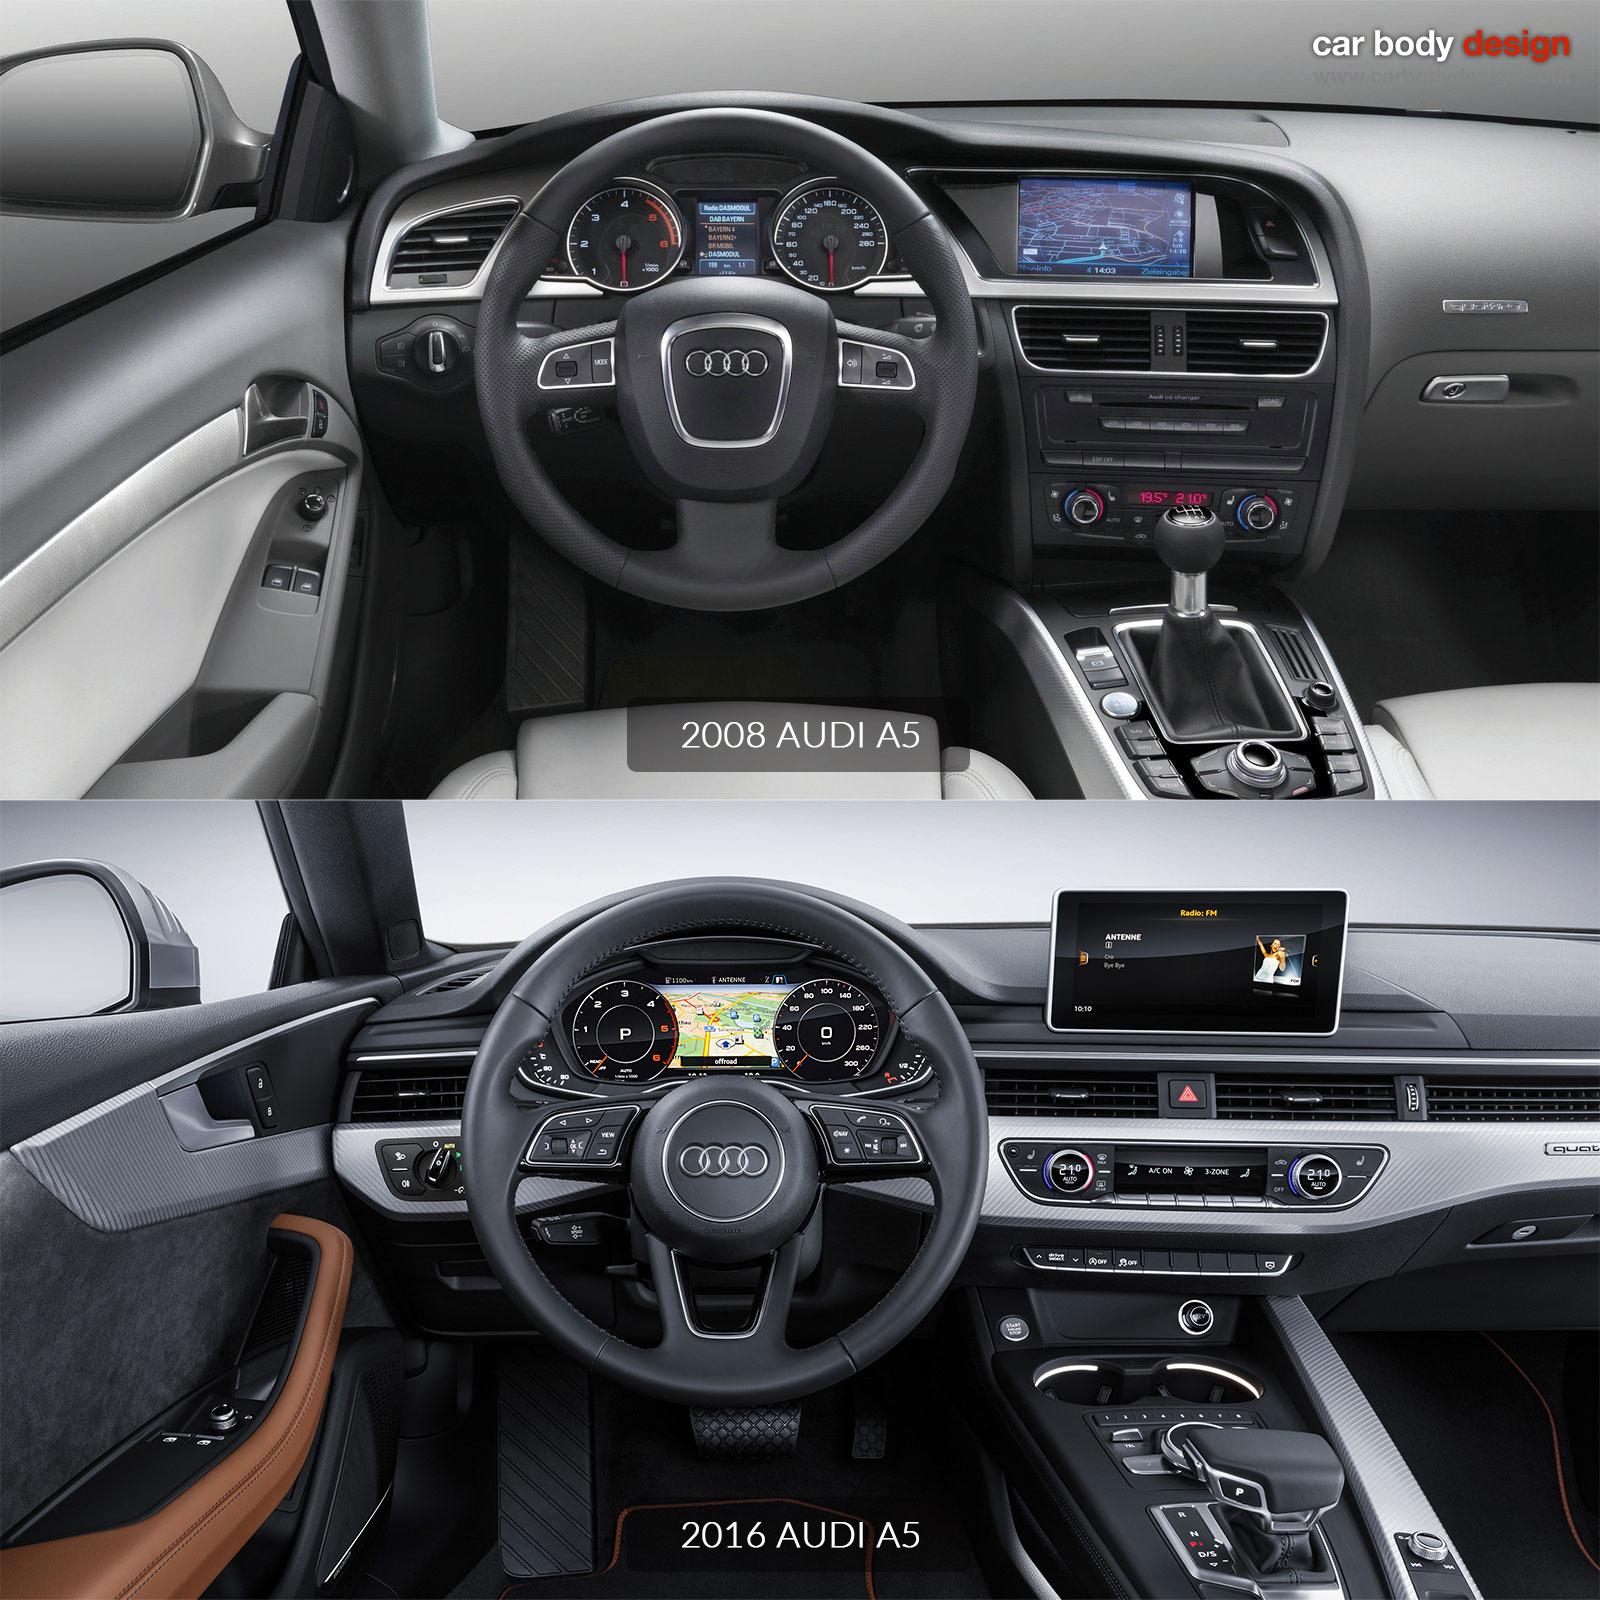 2008 Audi A5 Vs 2016 Interior Design Comparison